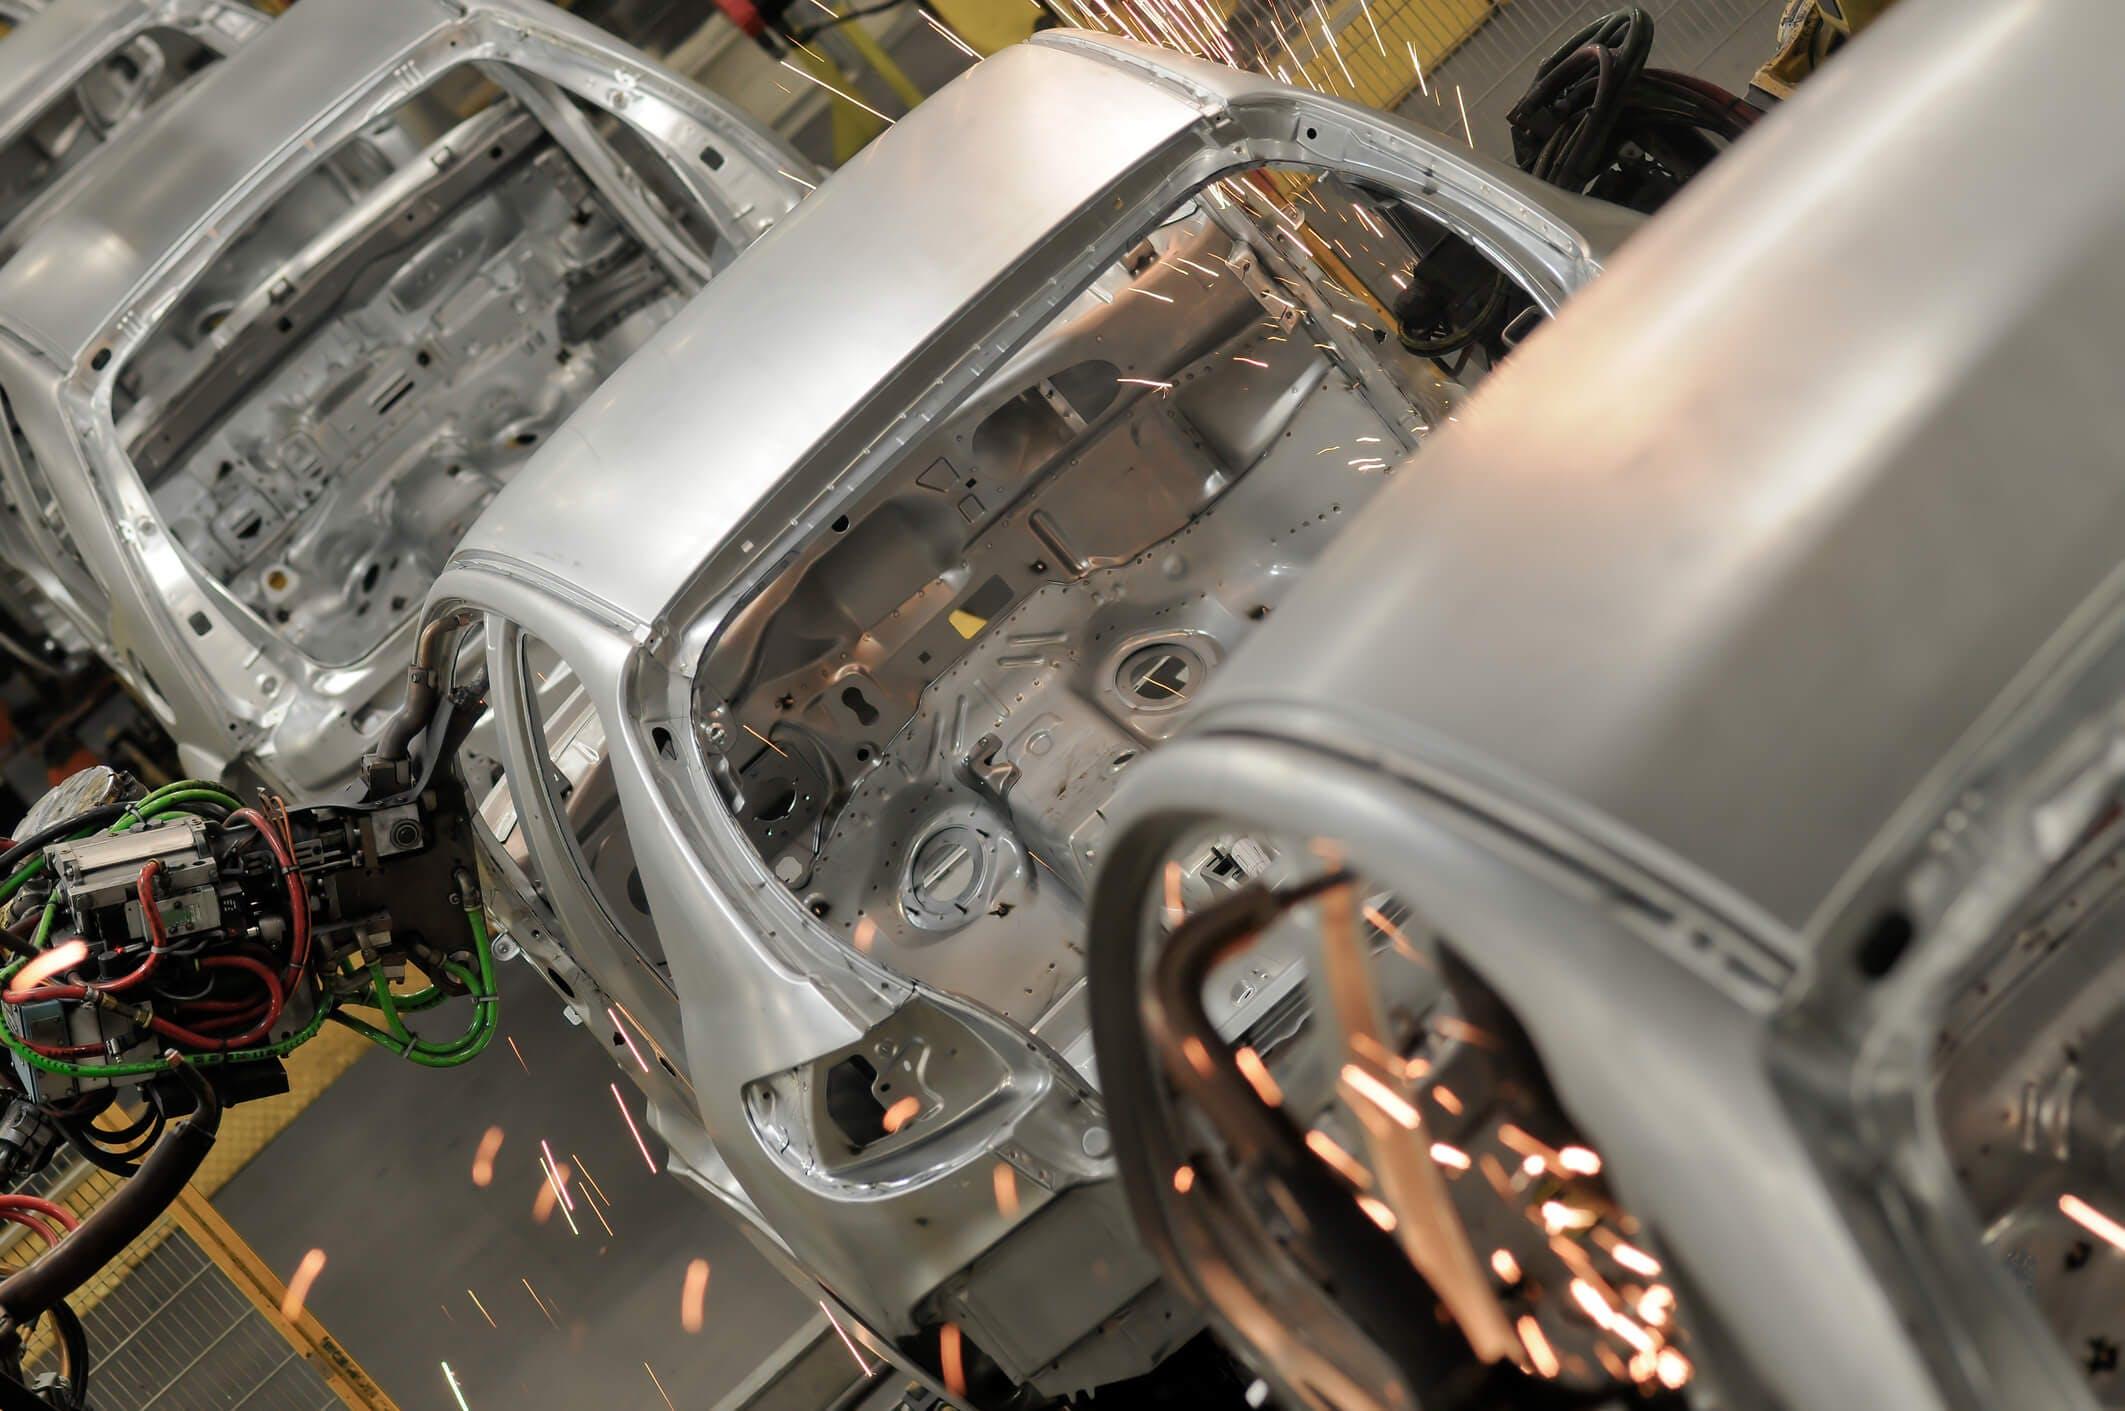 Titelbild-Auto-Automotive-Karosserie-Produktion-iStock-483559919-RicAguiar